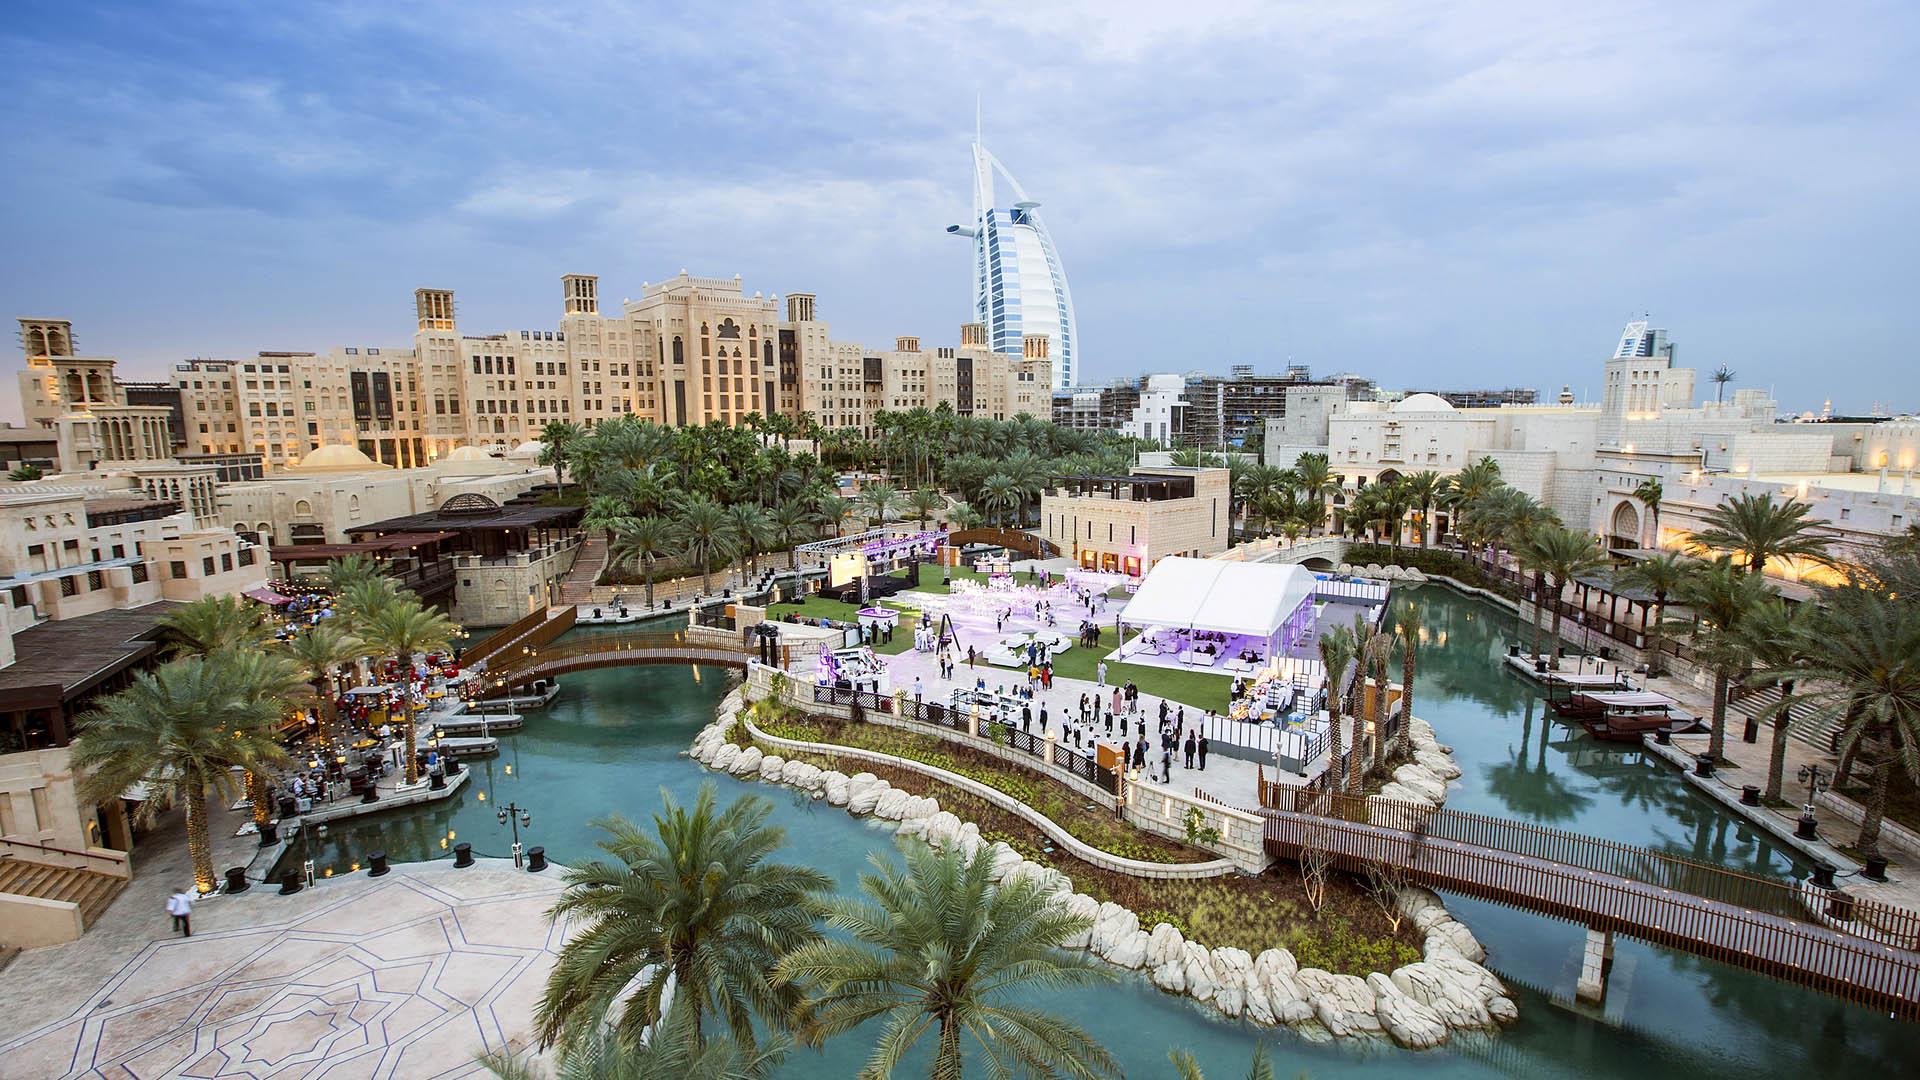 بالصور اماكن سياحية في دبي للعائلات , صور سياحية فى دبى للعلائلات 5584 5